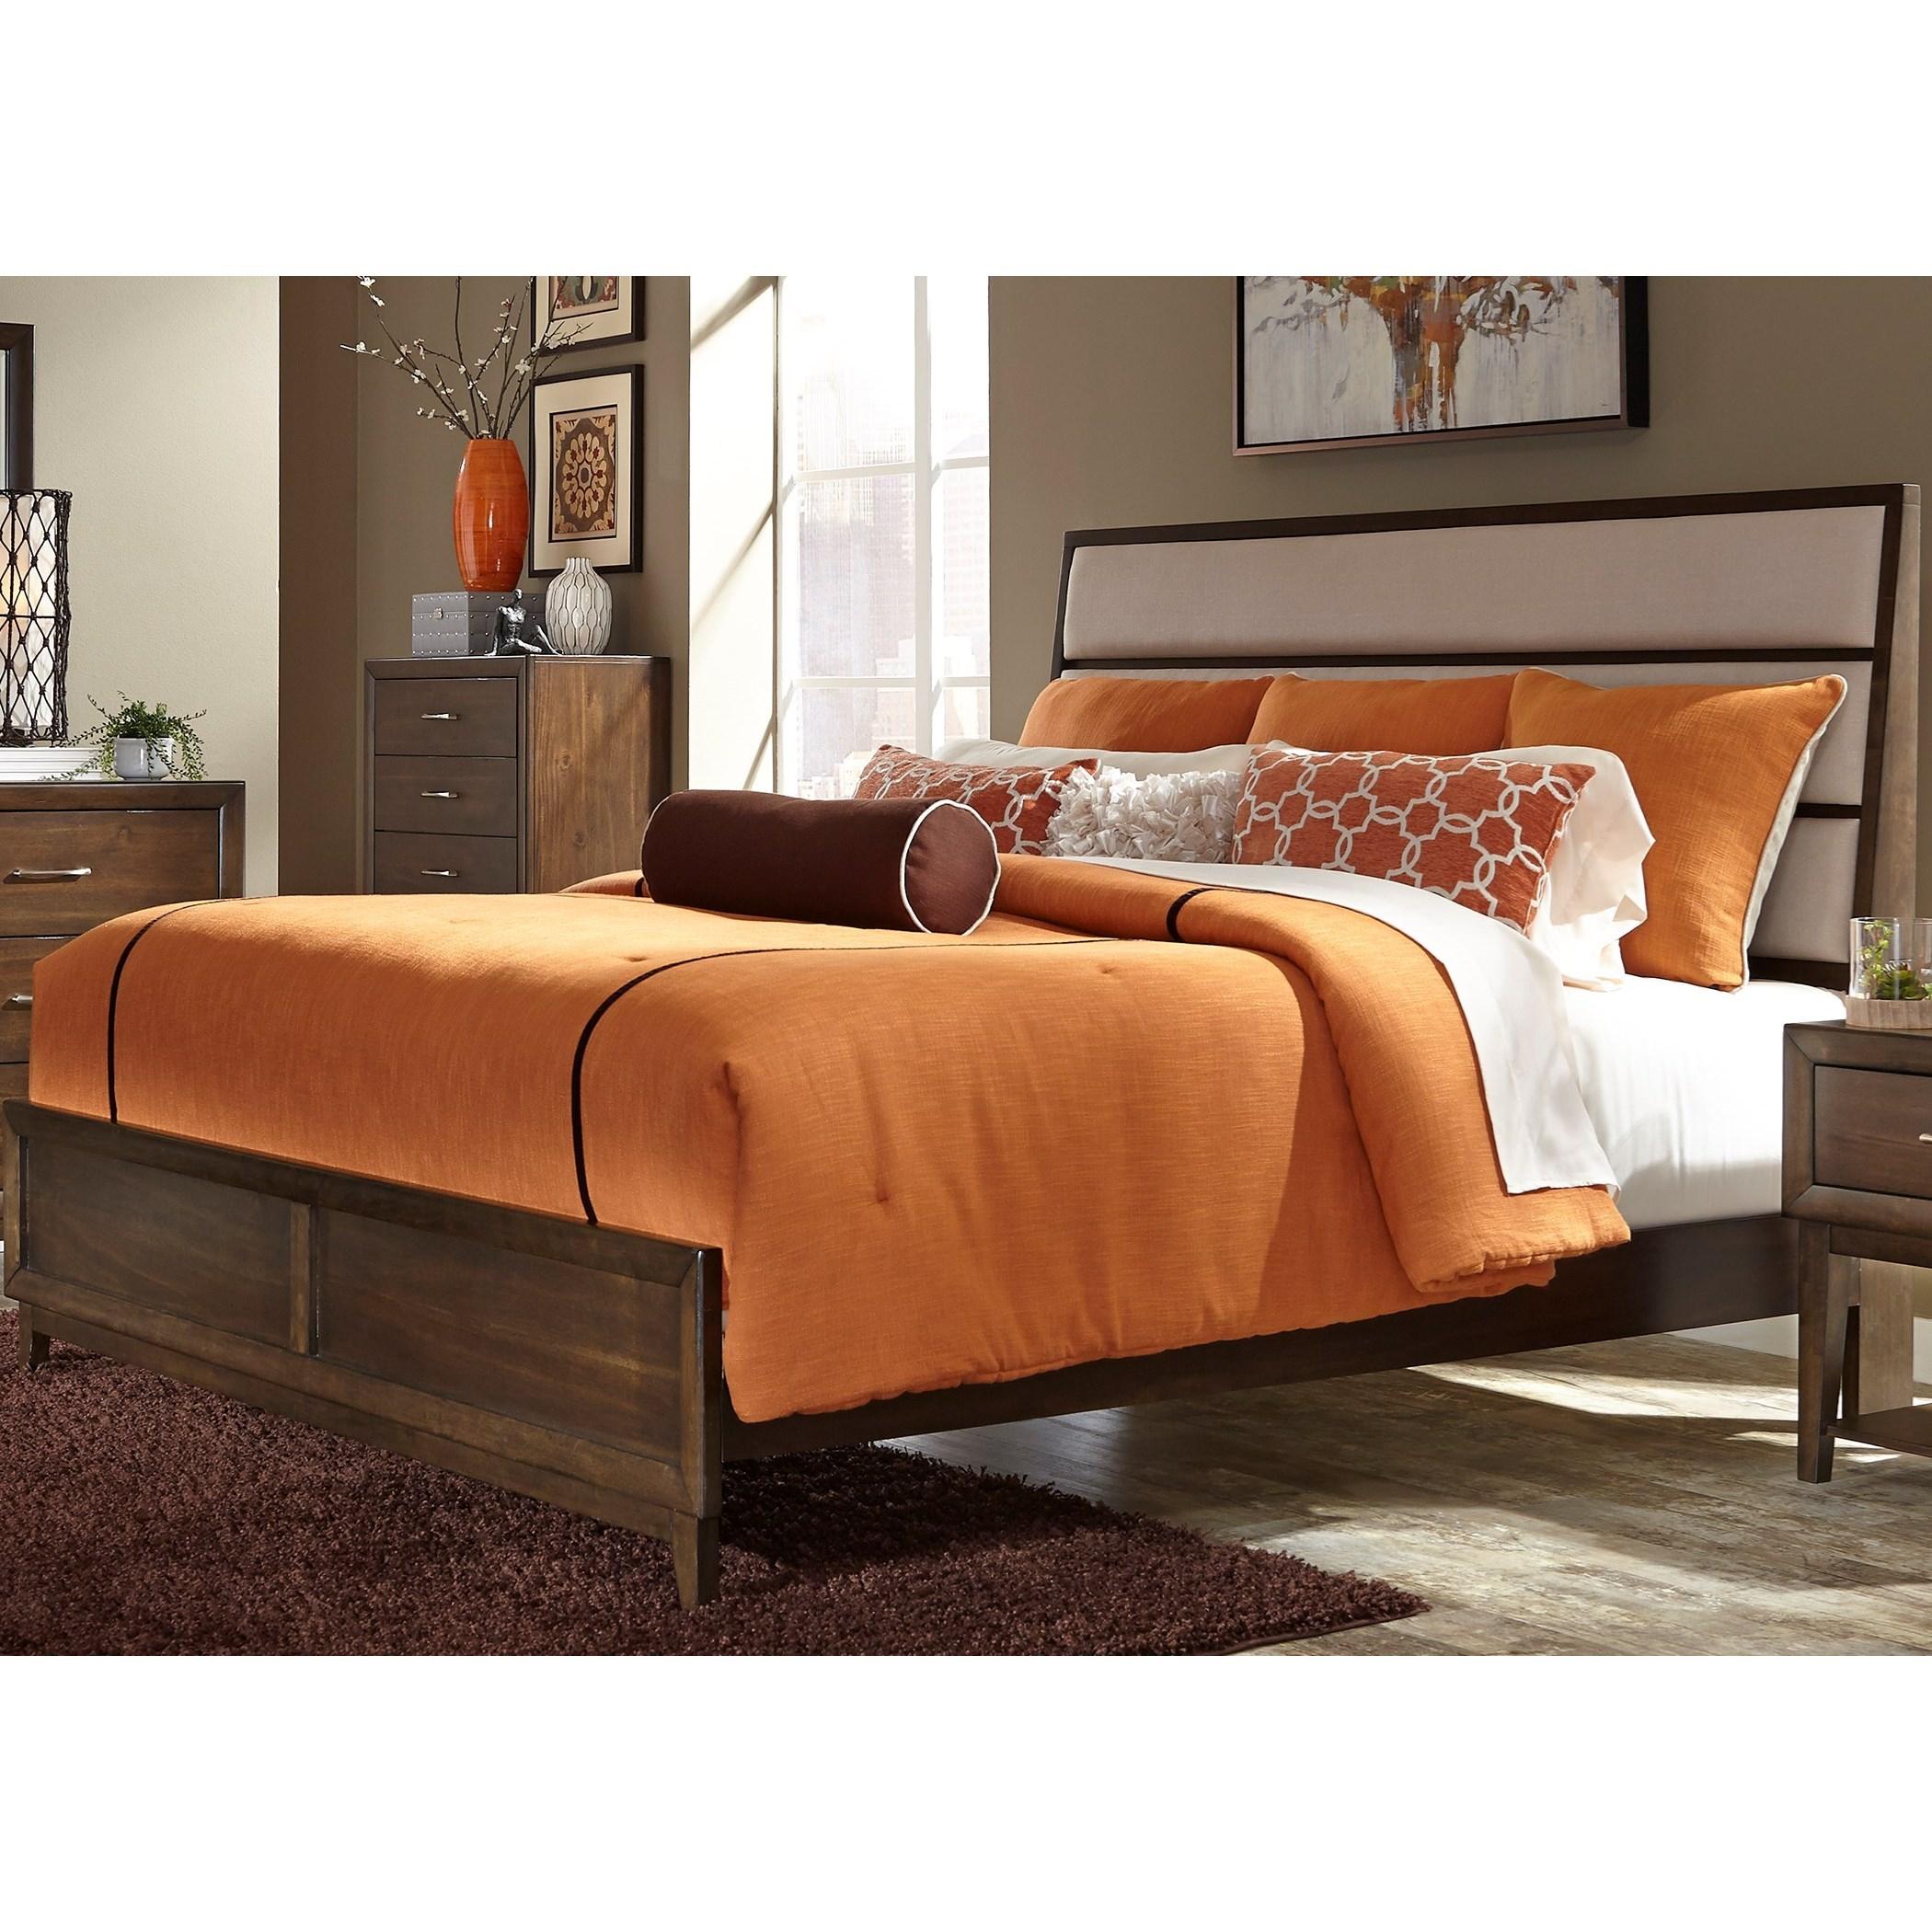 Liberty Furniture Hudson Square Bedroom King Panel Bed  - Item Number: 365-BR-KPB